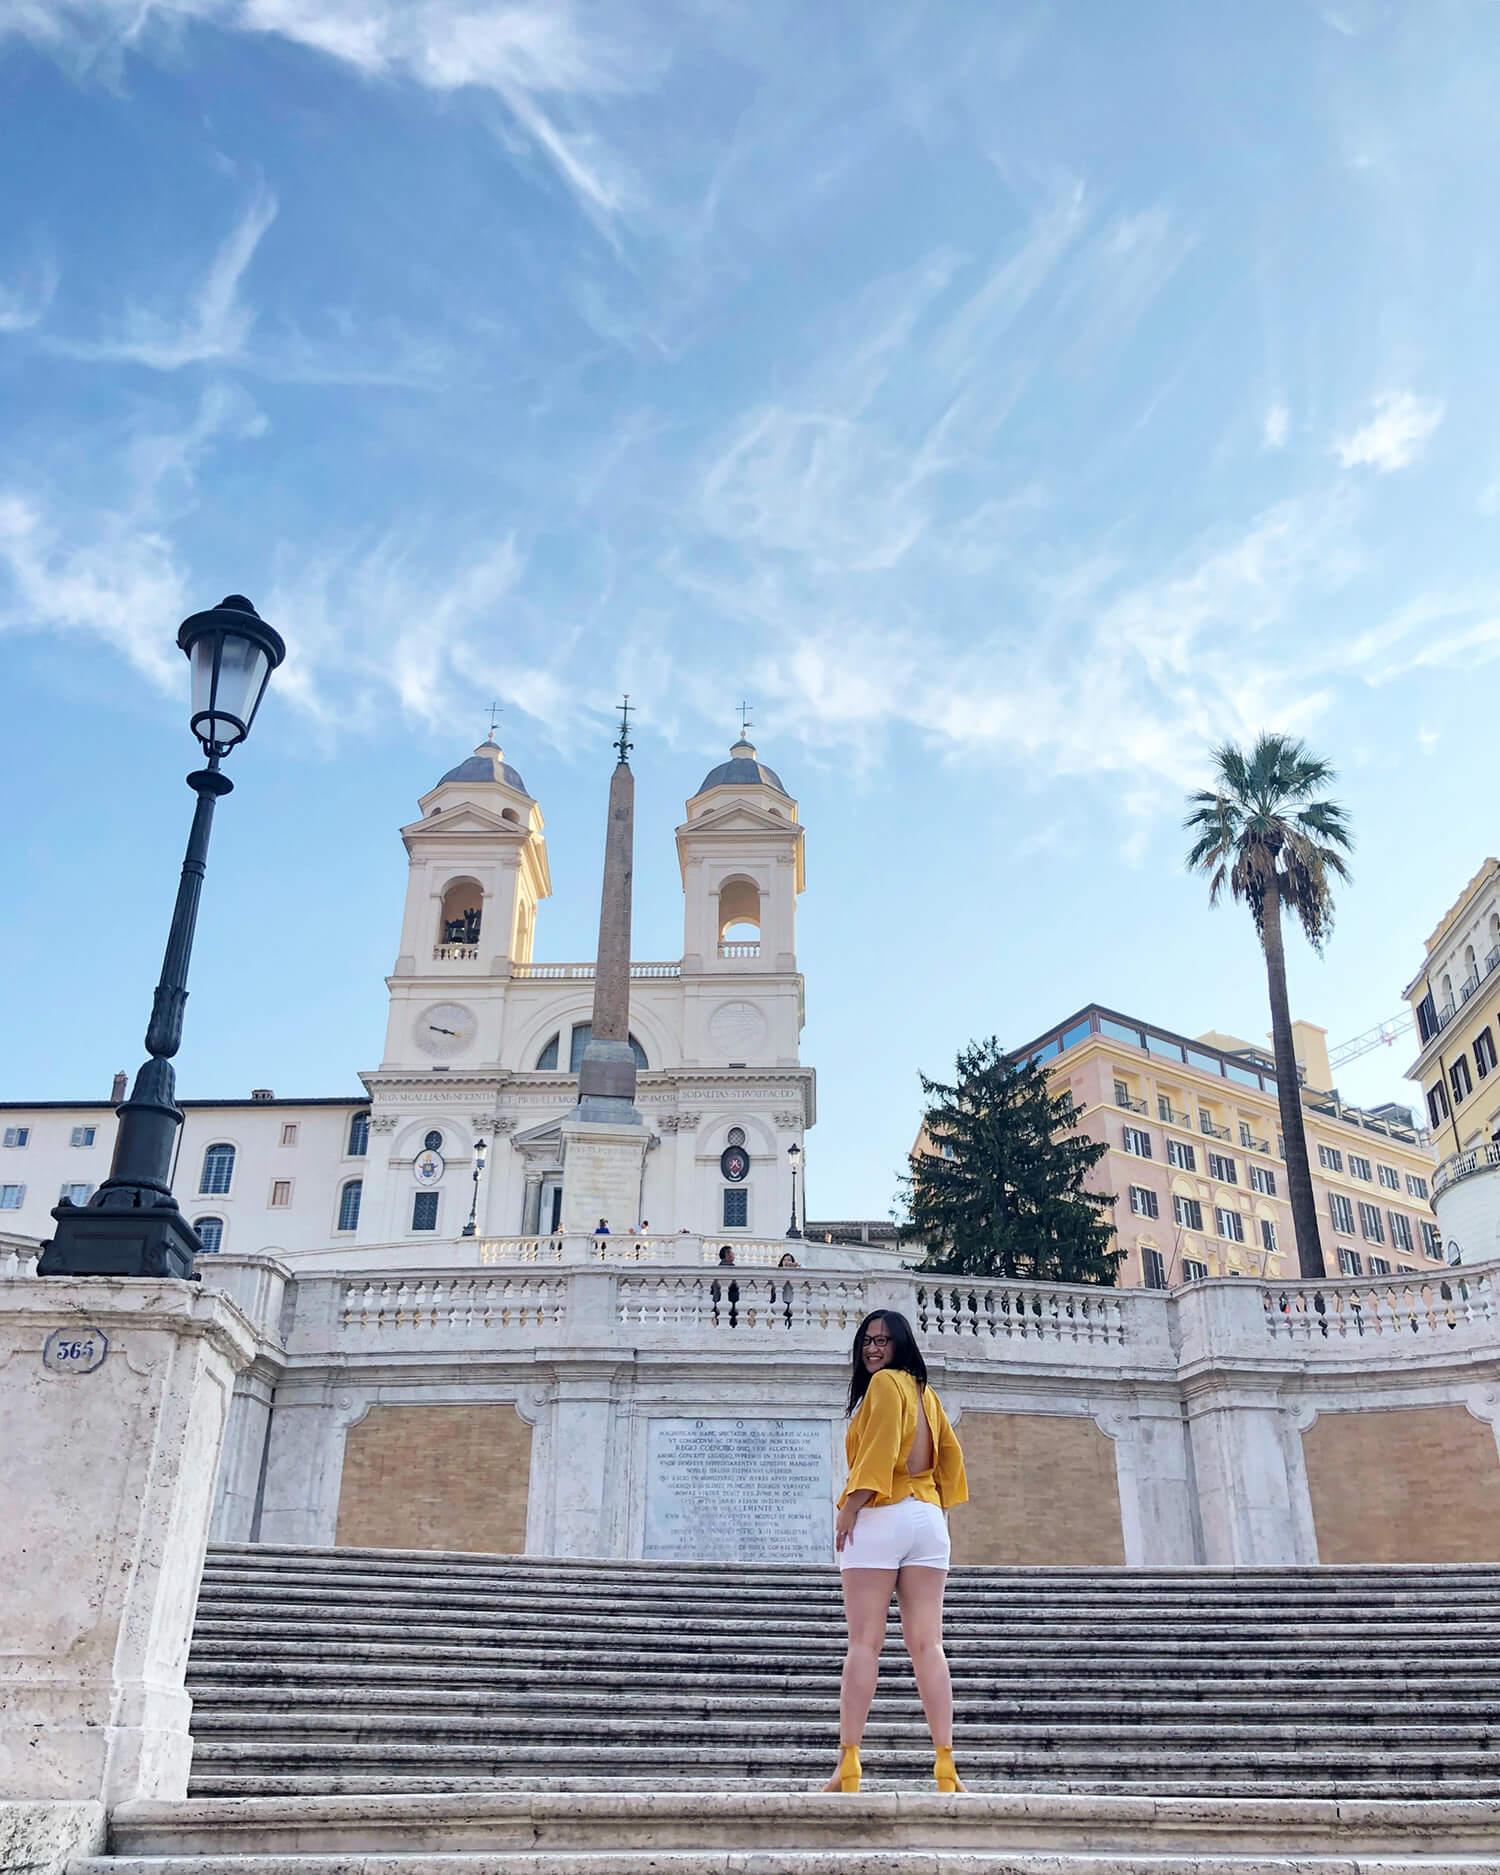 Spanish Steps - Piazza di Spagna Piazza Trinita dei Monti - Travel Explore Rome Italy